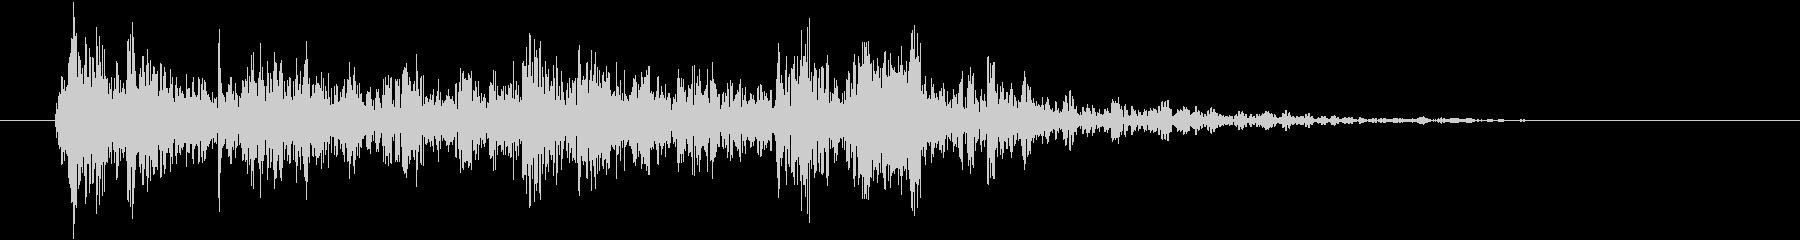 メカニカル レバーウッドラージアップ02の未再生の波形